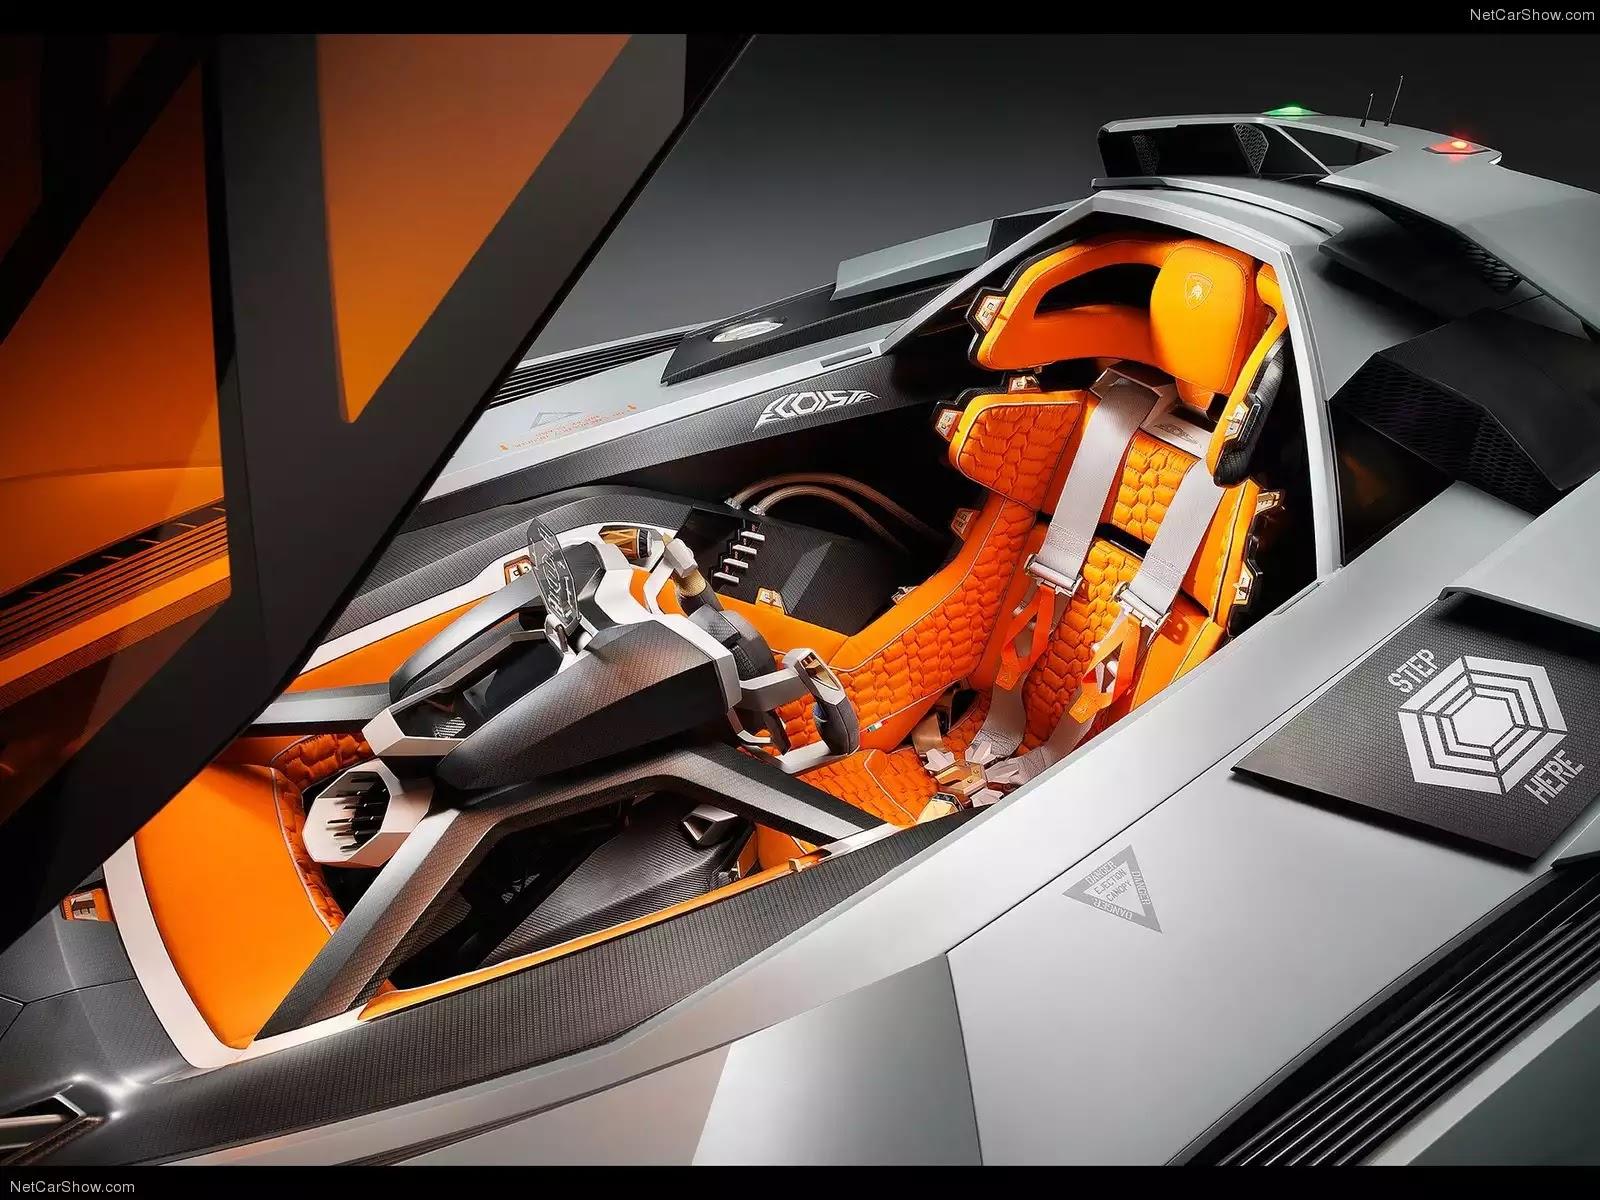 Hinh ảnh Sieu Xe Lamborghini Egoista Concept 2013 Nội Ngoại Thất